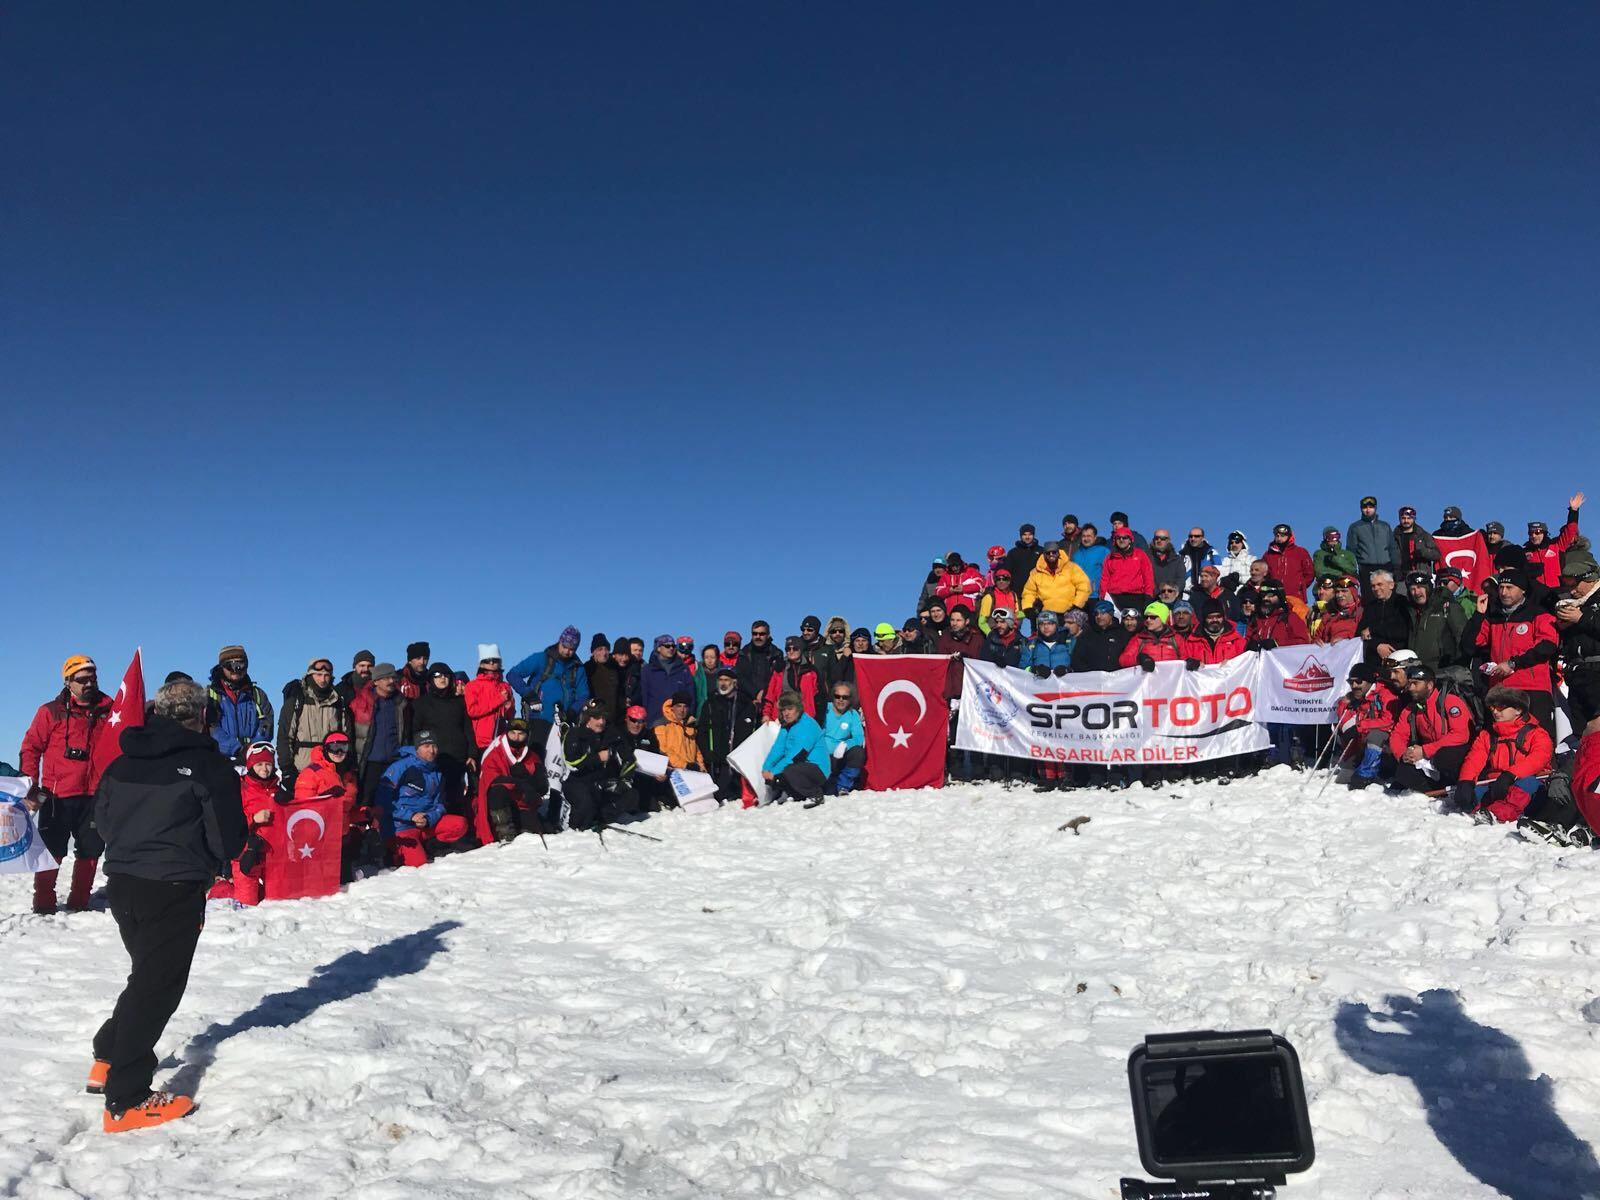 2018 Geleneksel Allahuekber Dağı Şehitleri Anma Tırmanışı tamamlandı.